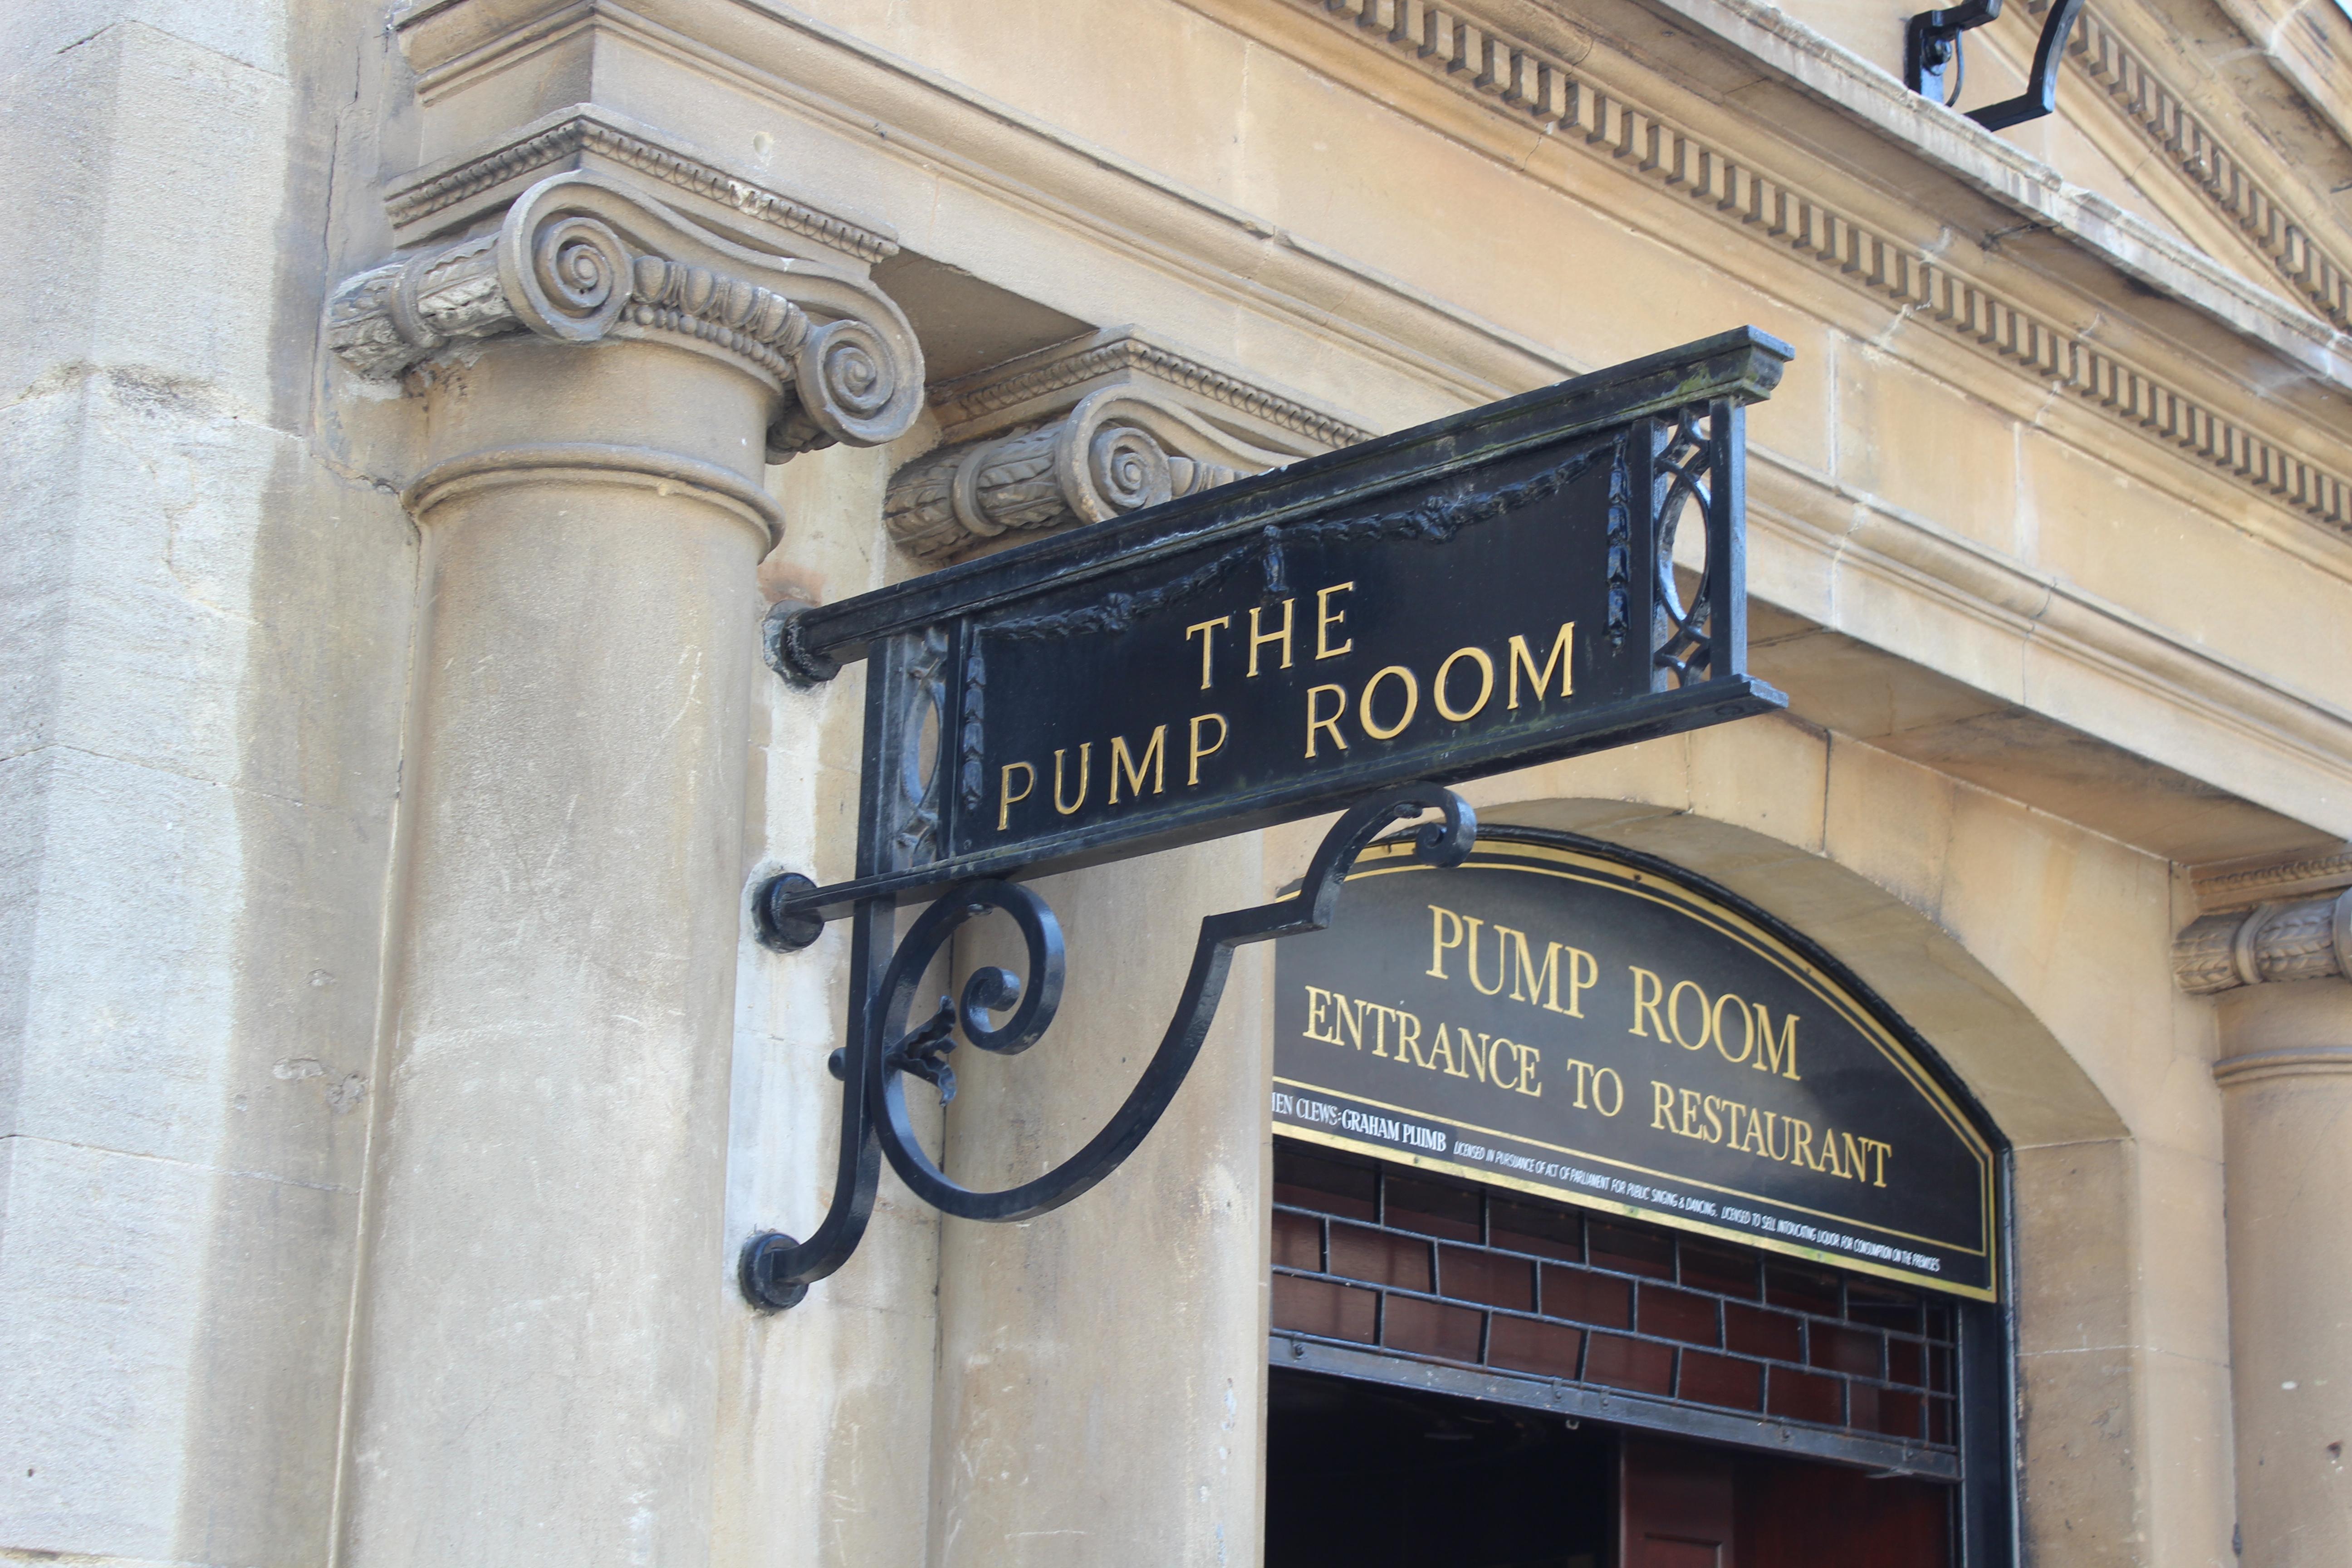 Livet Studio - The Pump Room